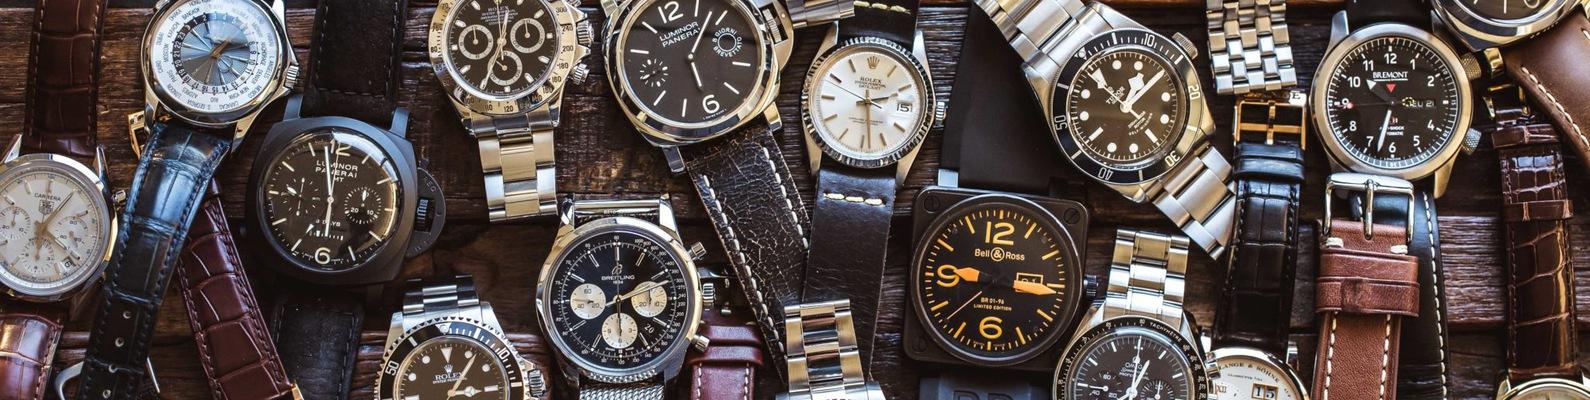 Часов москва недорогих скупка в сдам квартиру на новокузнецке час